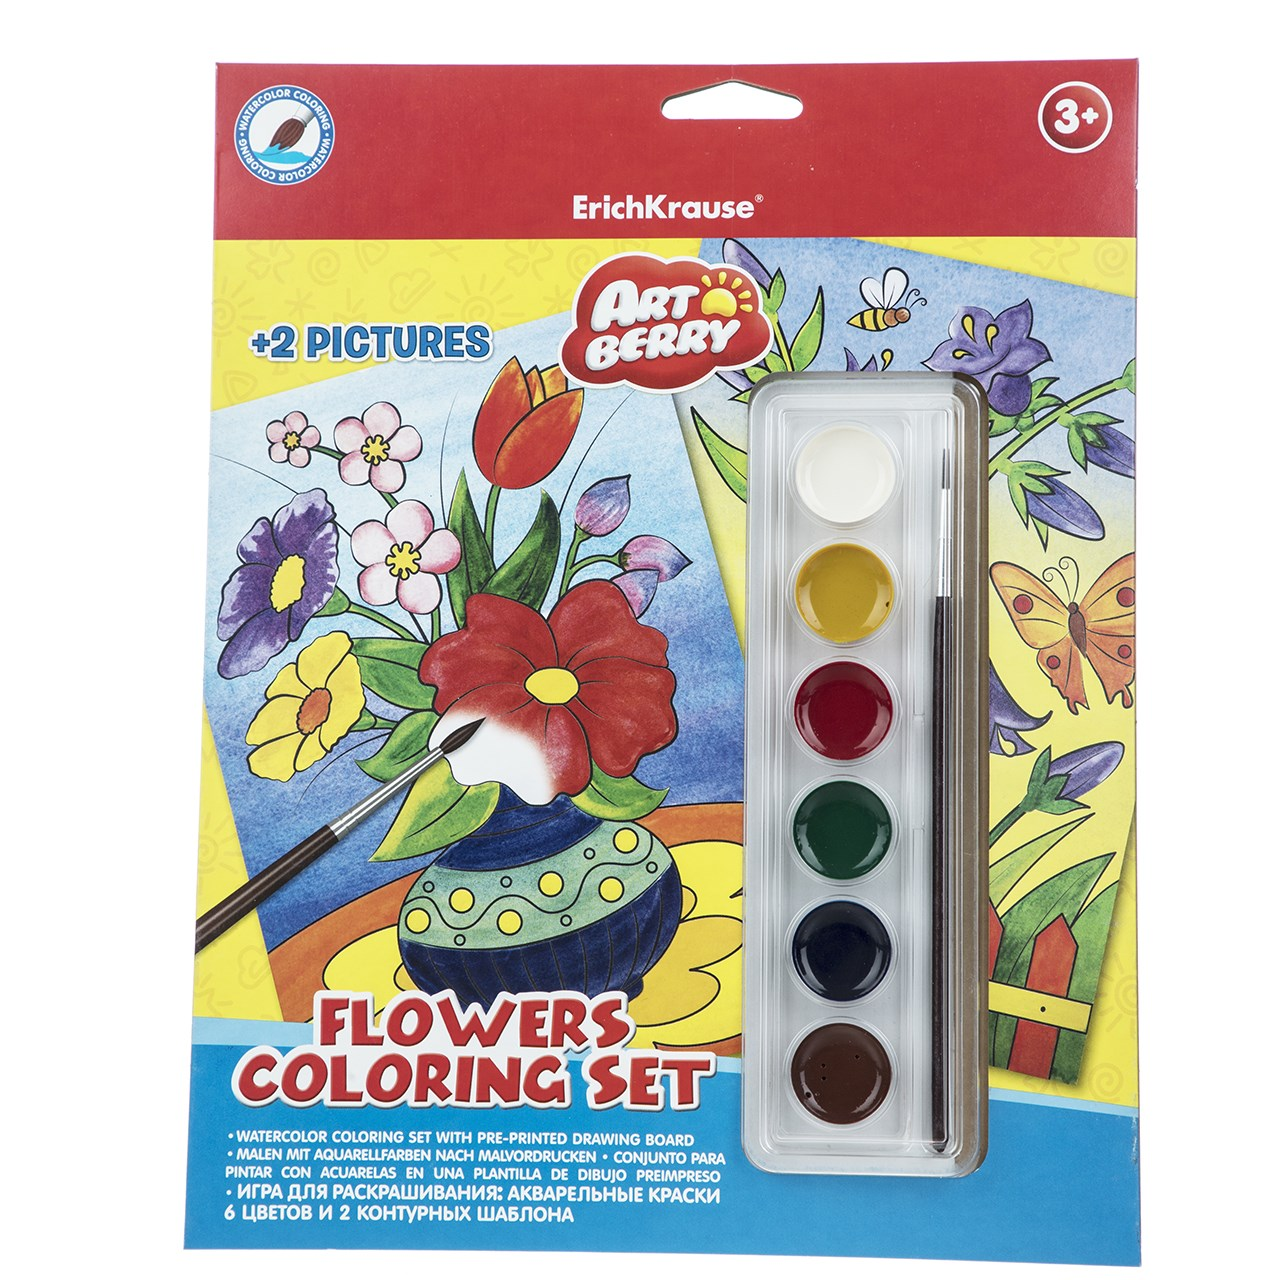 بسته رنگ آمیزی اریک کراوزه مدل  Flowers